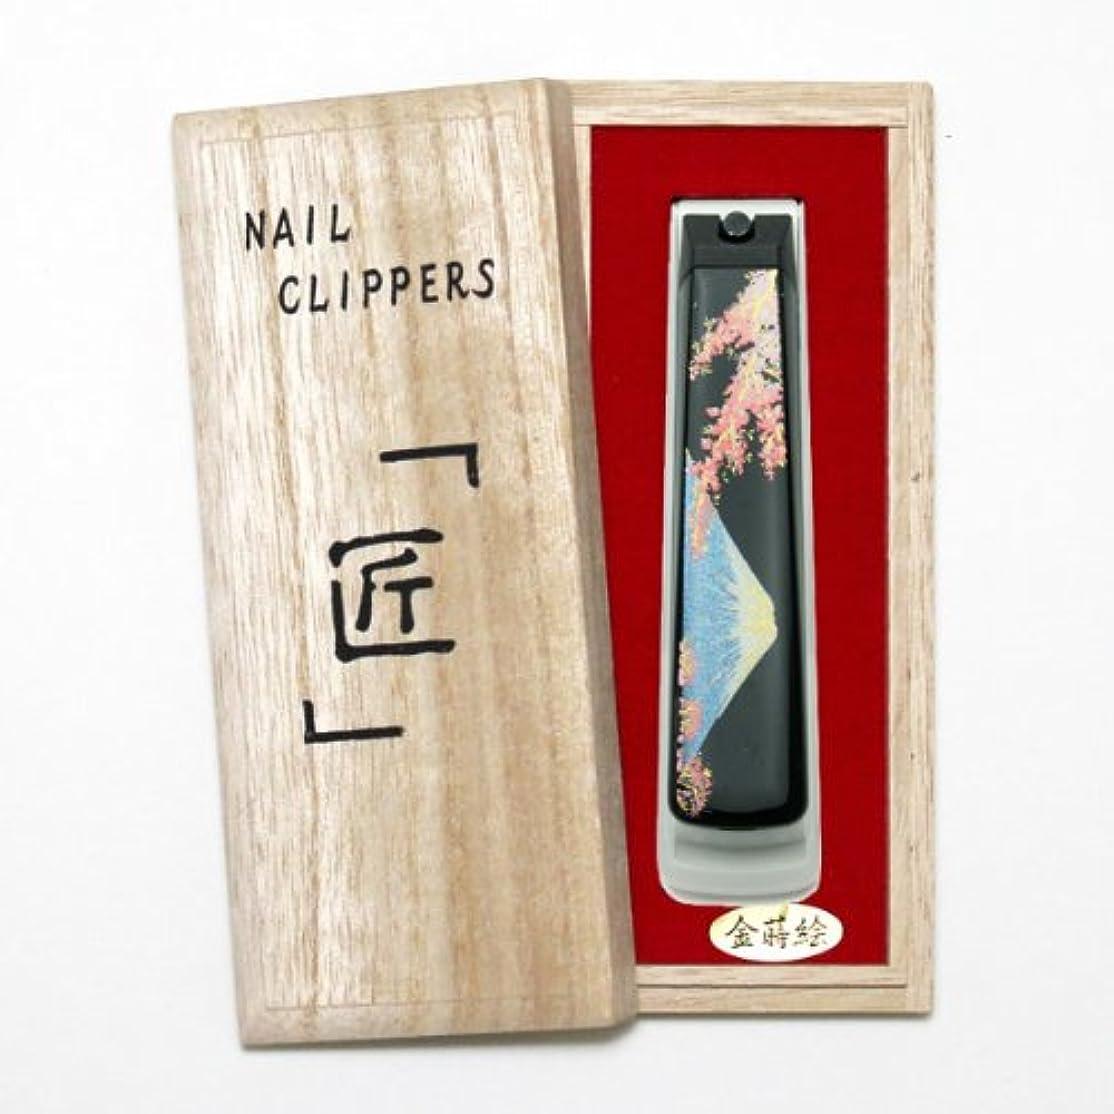 オーバーコート警告悪名高い橋本漆芸 蒔絵爪切り ミニサイズ 富士に桜 桐箱